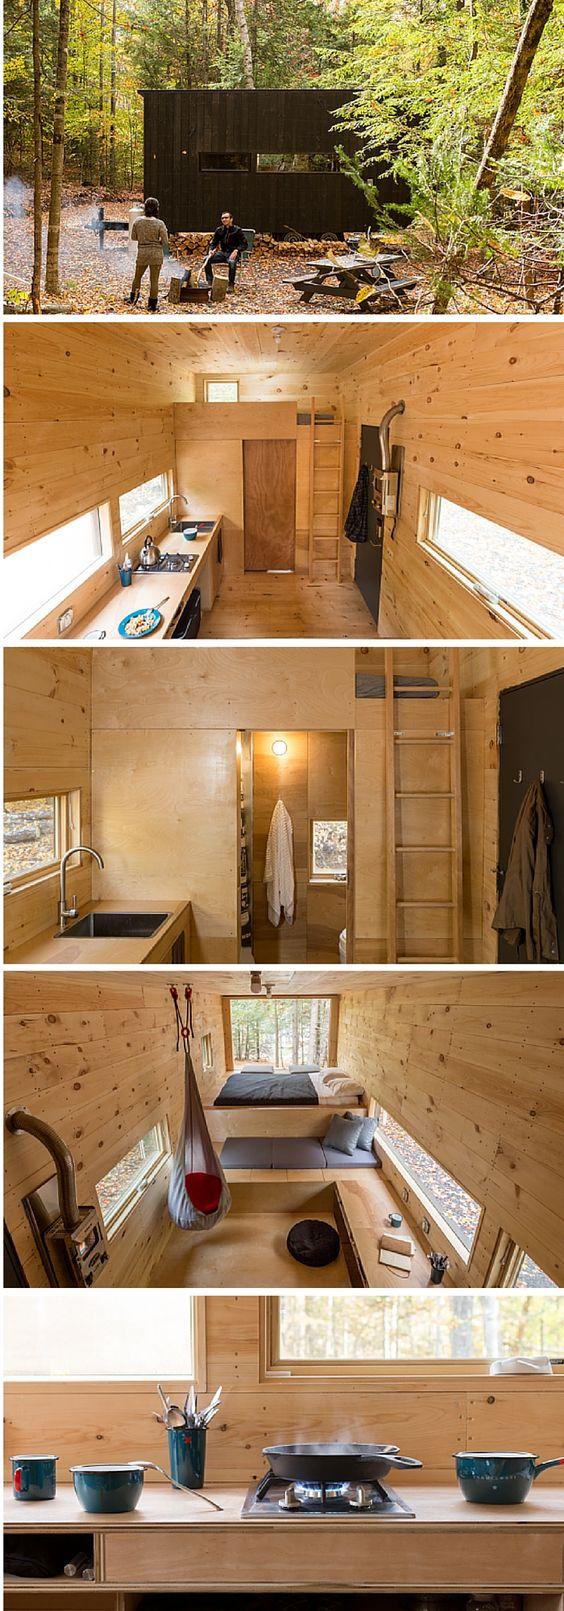 iny house on wheels, House on wheels and iny house on Pinterest - ^